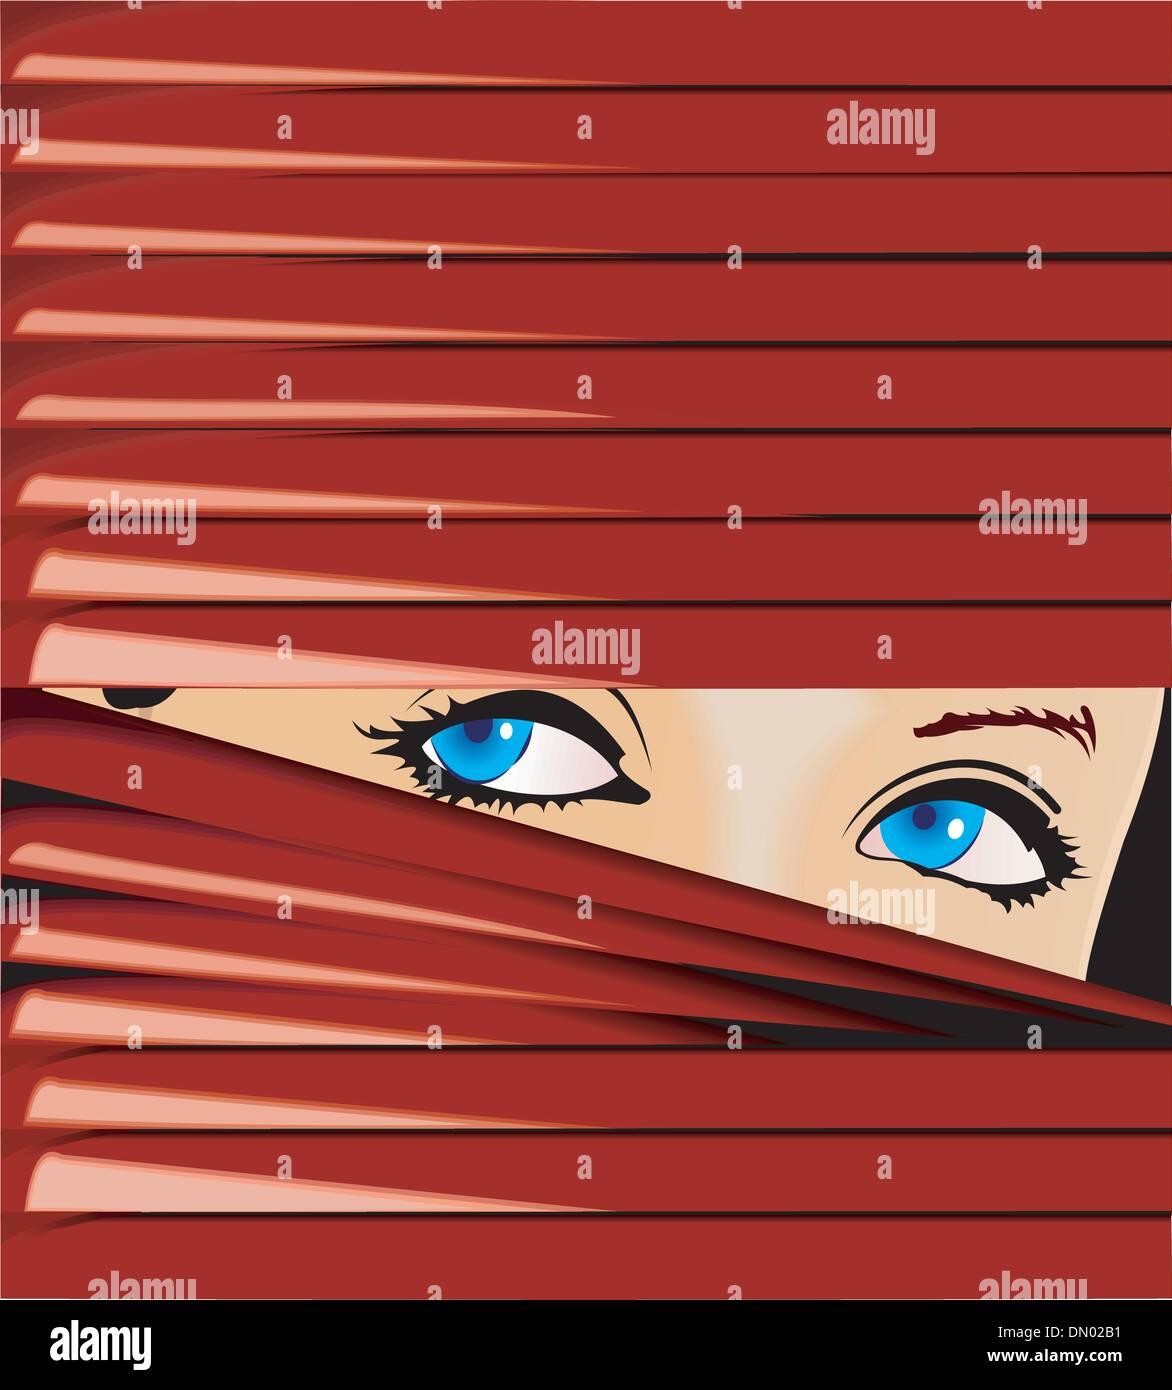 Blue-Eyed Girl ressemble parce que de la Jalousie. Vector Illustration. Pas de mailles. Photo Stock